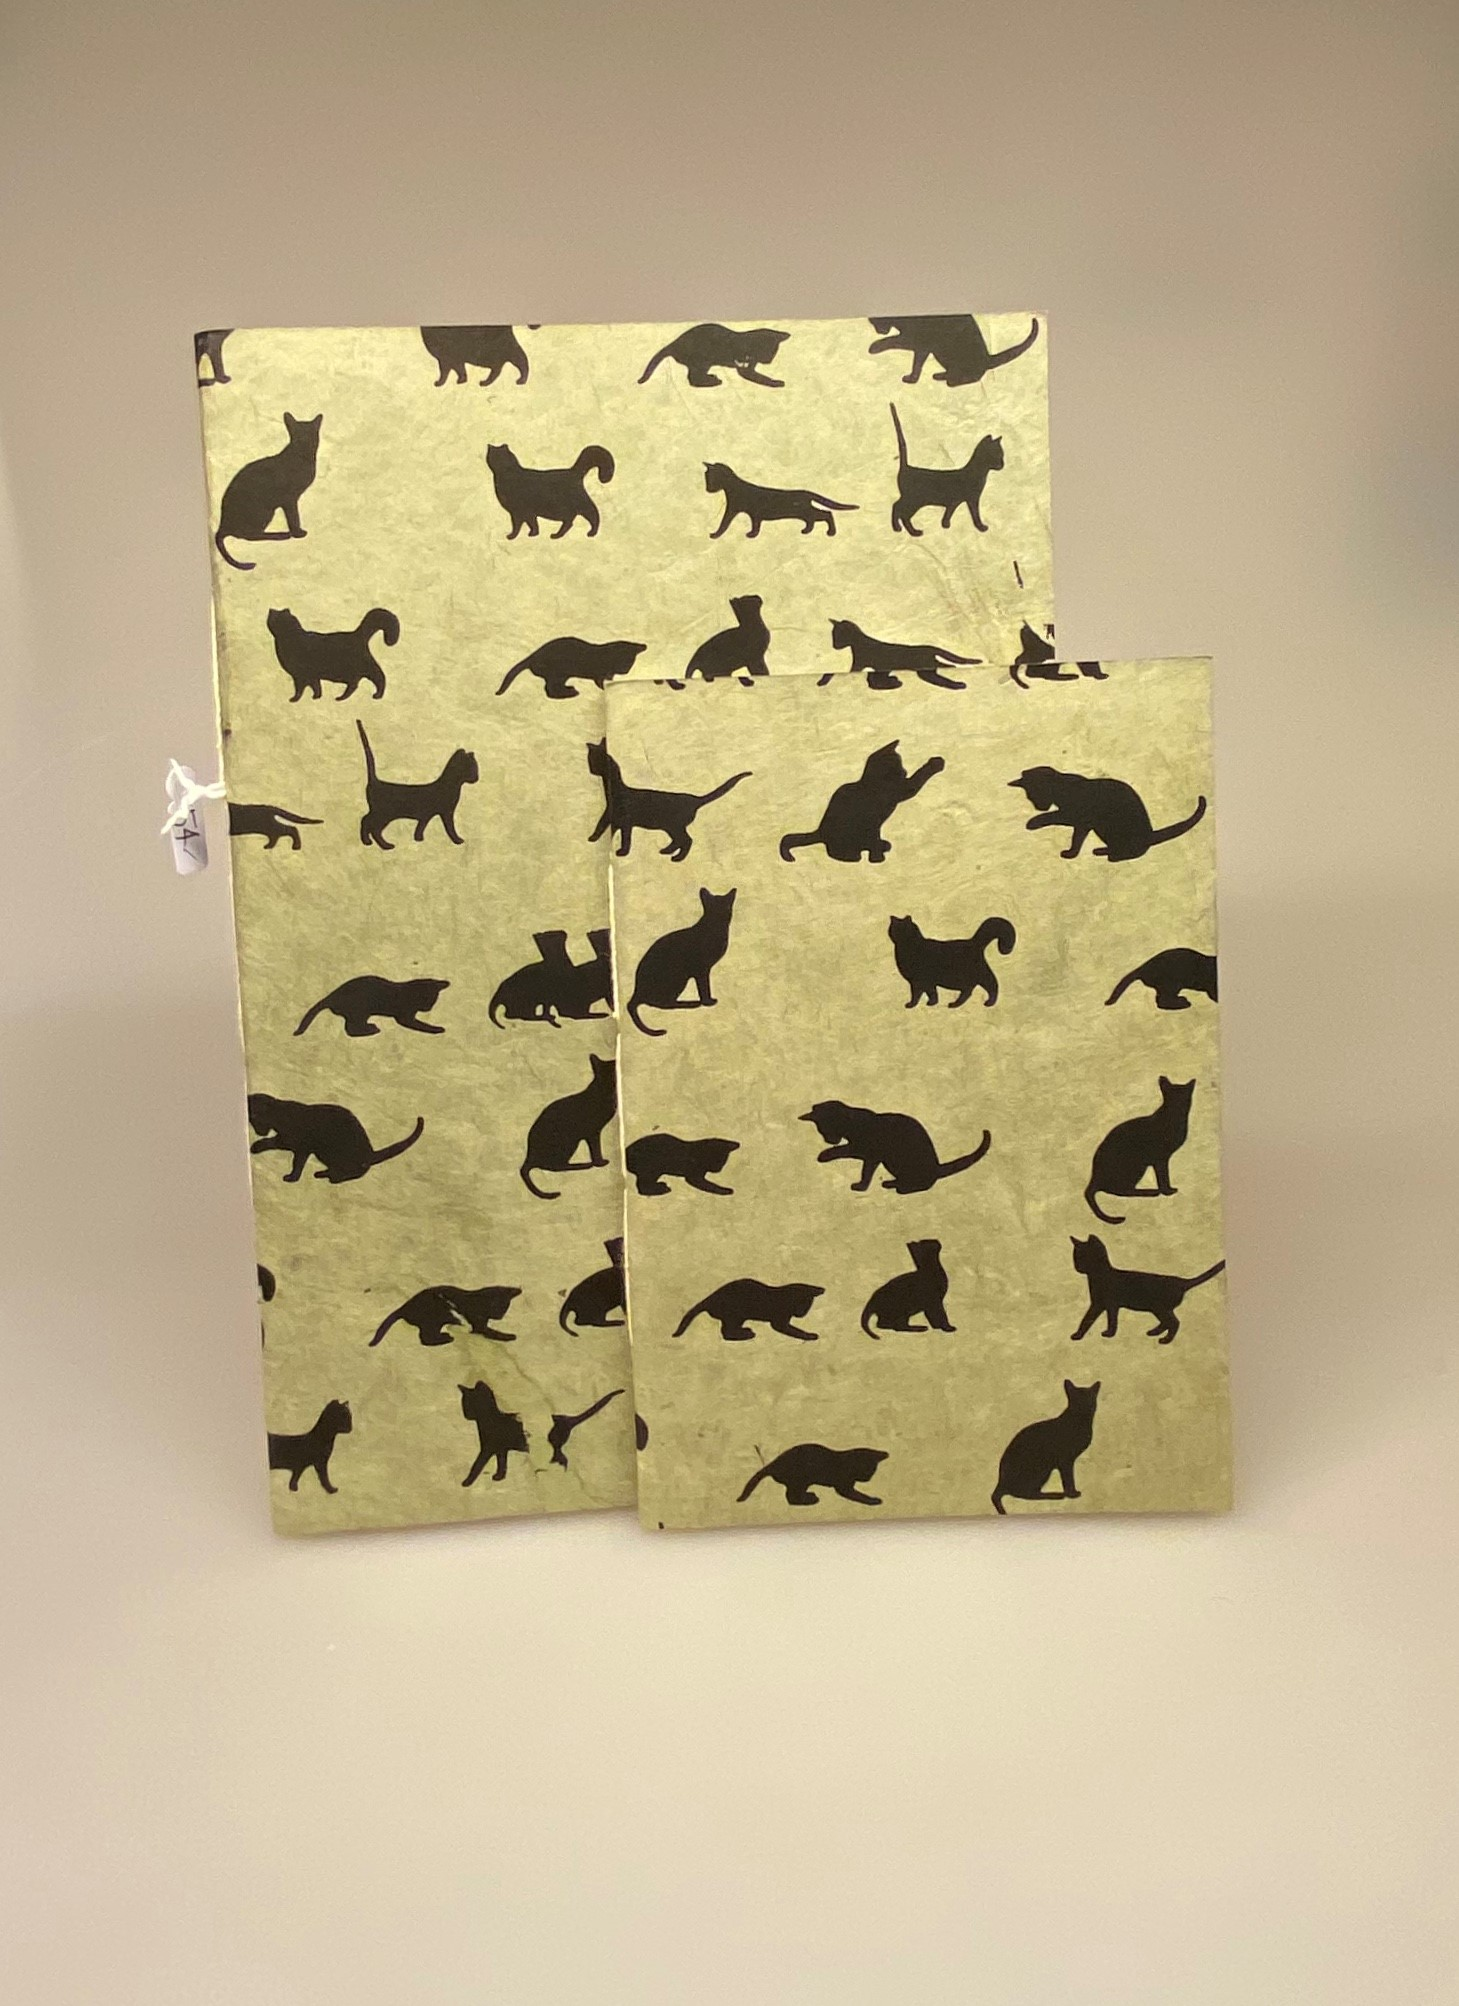 A6 Hæfte håndlavet papir - Khaki med sorte katte A5 Hæfte håndlavet papir - Khaki med sorte katte, katte, katteting, ting med katte, cats, catlover, katteejer, gave, gaveidé, hæfte, notesbog, journal, håndlavet, papir, nepal, håndtrykt, kattefigur, kattefigurer, kattemotiv, katte mønster, ribe, biti, kattebog, katteblok, kattehæfte